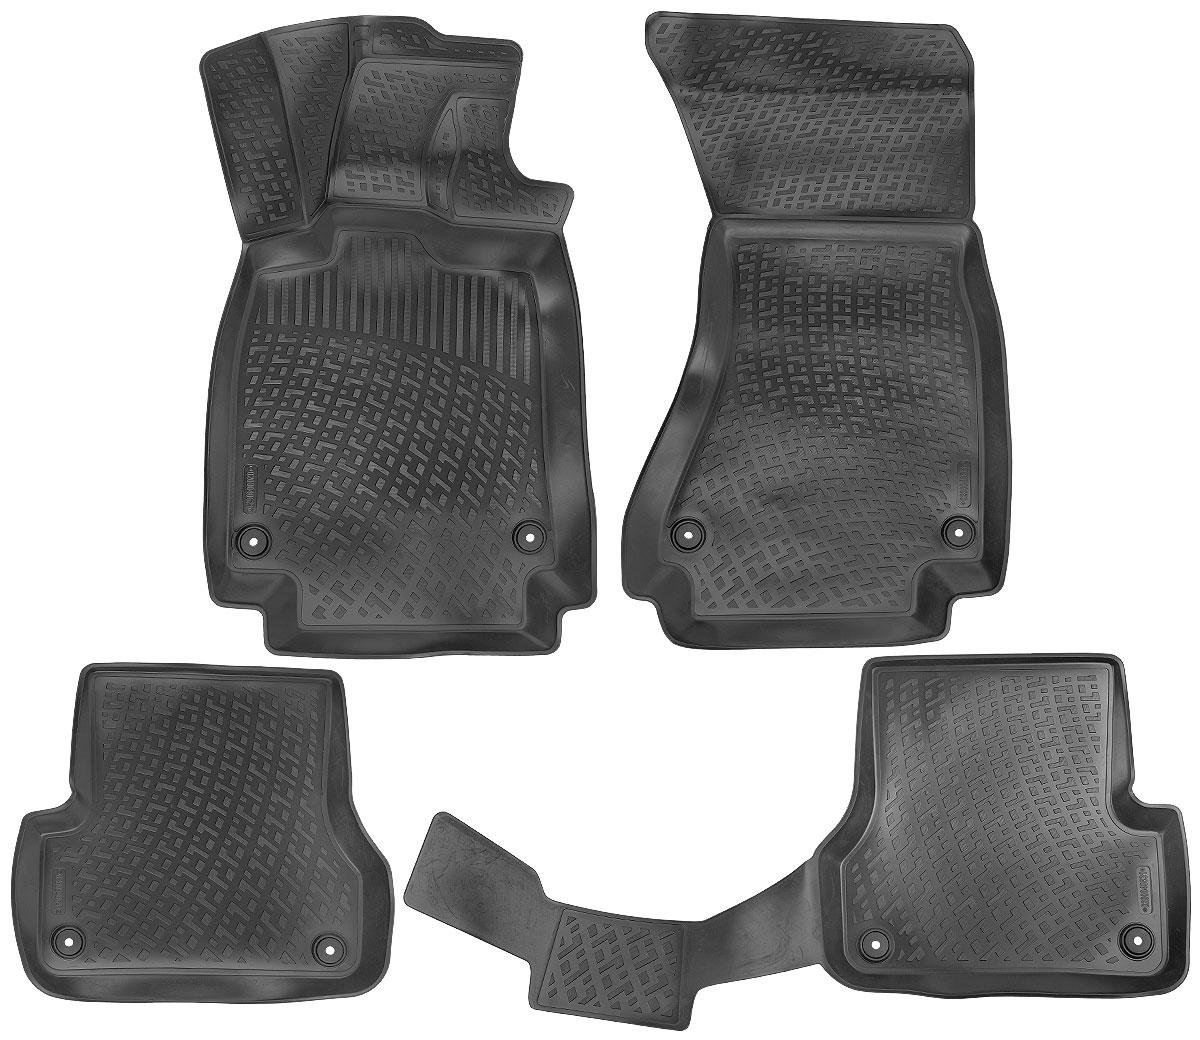 Набор автомобильных ковриков L.Locker Audi A6 IV 2014-0200040601Набор L.Locker Audi A6 IV 2014-, изготовленный из полиуретана, состоит из 4 антискользящих ковриков, которые производятся индивидуально для каждой модели автомобиля. Изделие точно повторяет геометрию пола автомобиля, имеет высокий борт, обладает повышенной износоустойчивостью, лишено резкого запаха и сохраняет свои потребительские свойства в широком диапазоне температур от -50°С до +50°С. Комплектация: 4 шт. Размер ковриков: 89 см х 56 см; 55 см х 51 см; 109 см х 49 см; 89 см х 57 см.